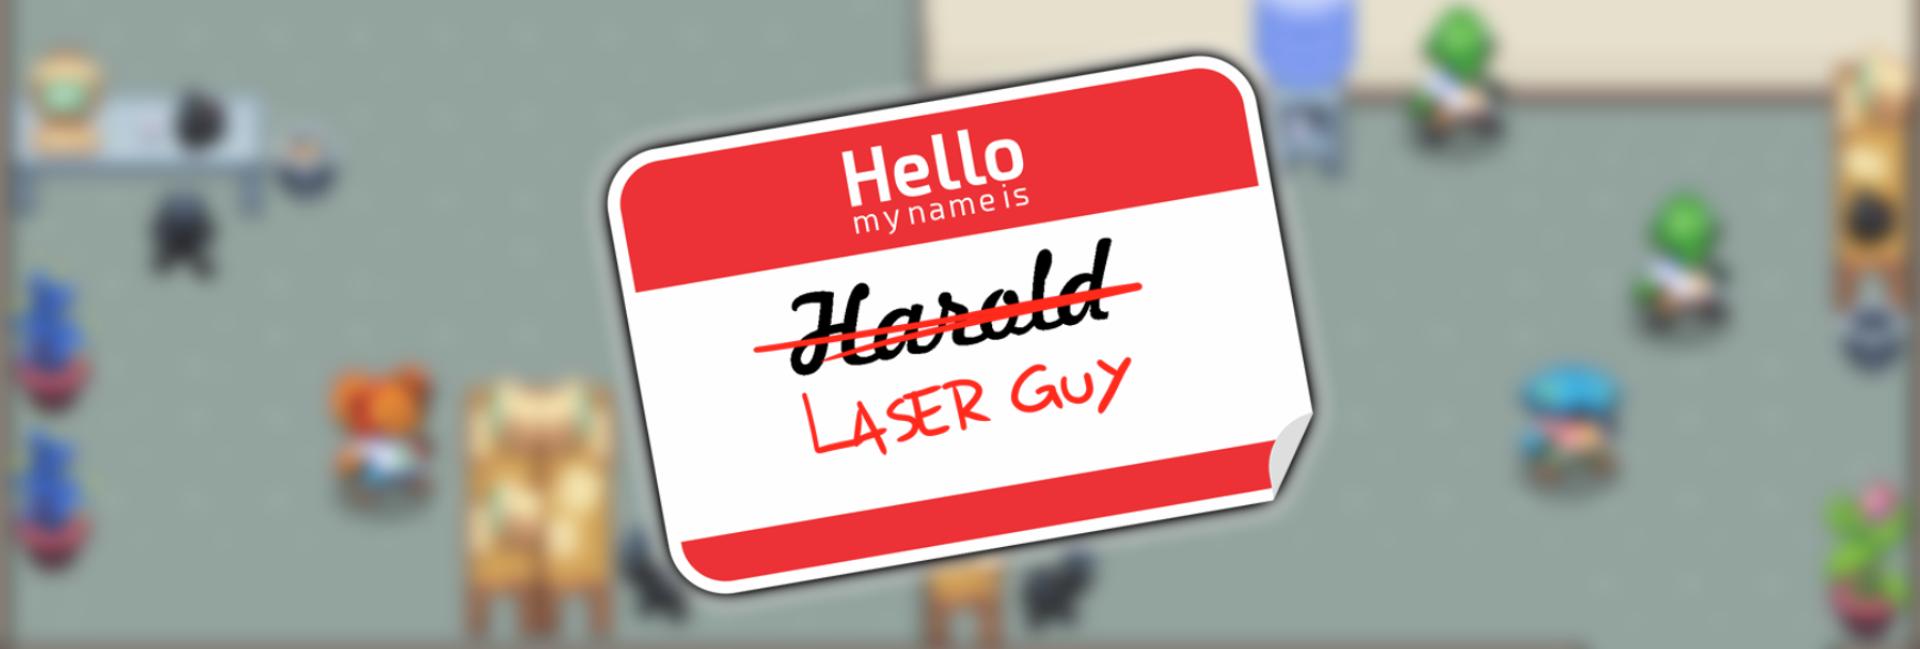 Laser Guy (Harold)